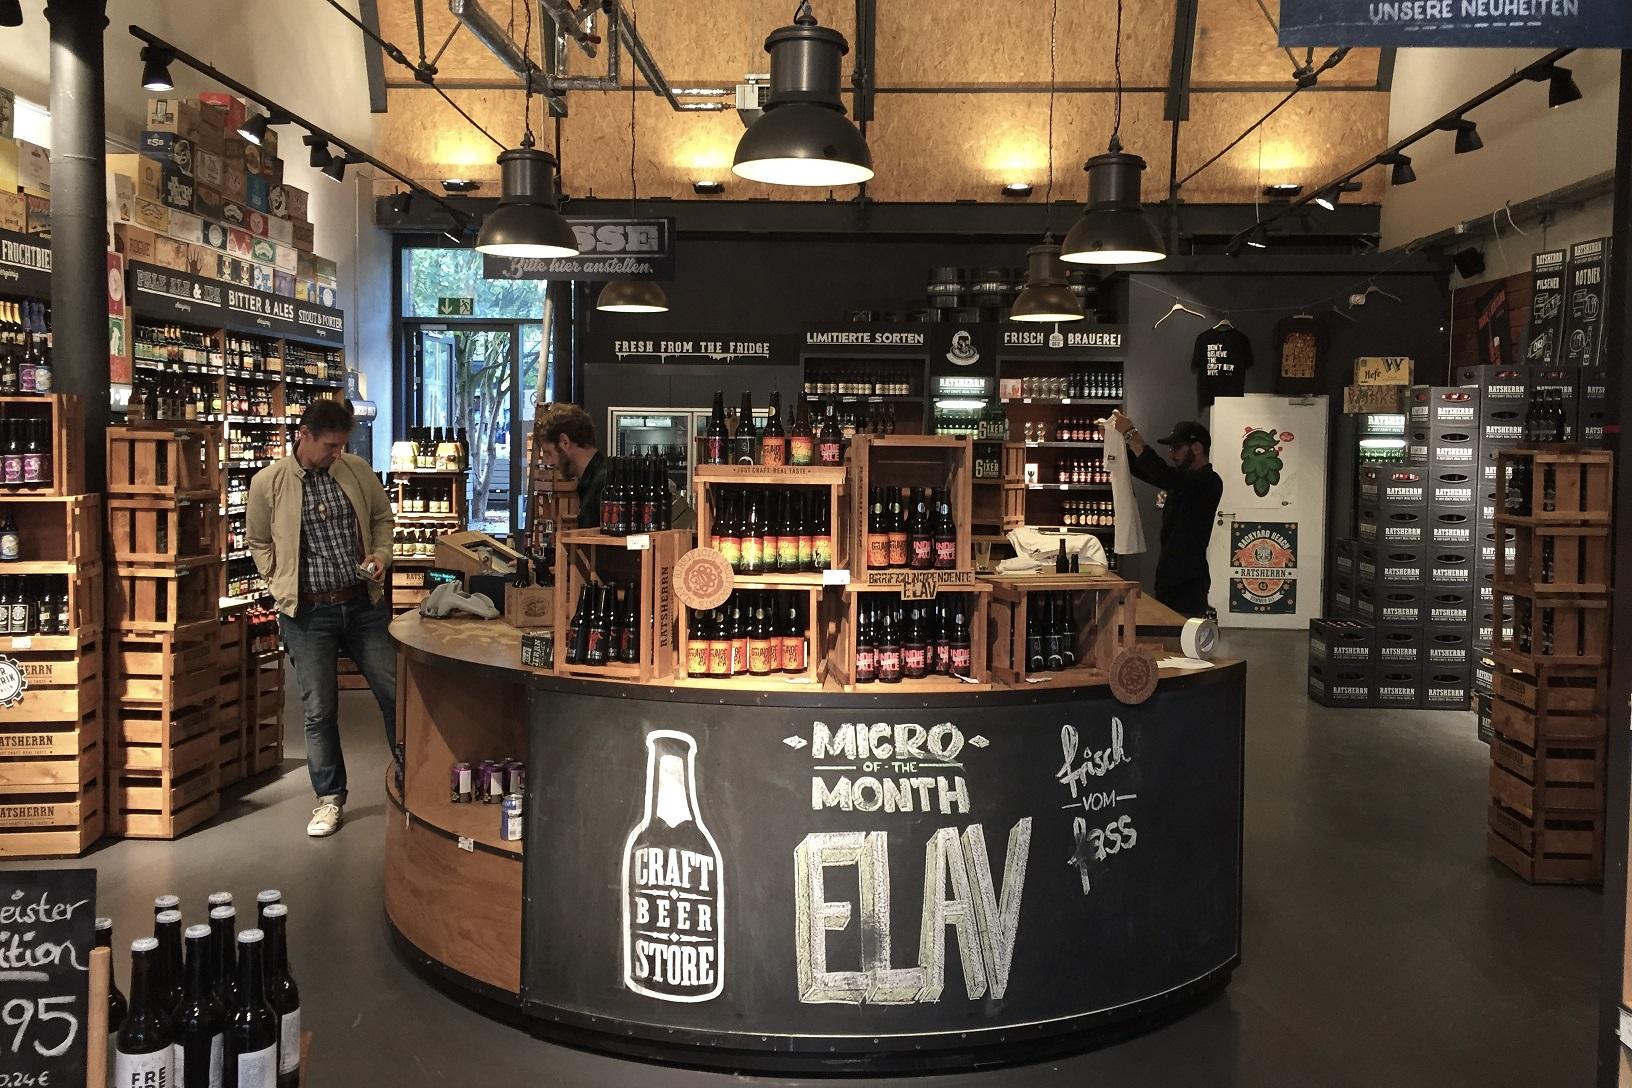 Gutes Craftbeer (kurzes MHD) ab 1,00€ im Craft Beer Store in Hamburg